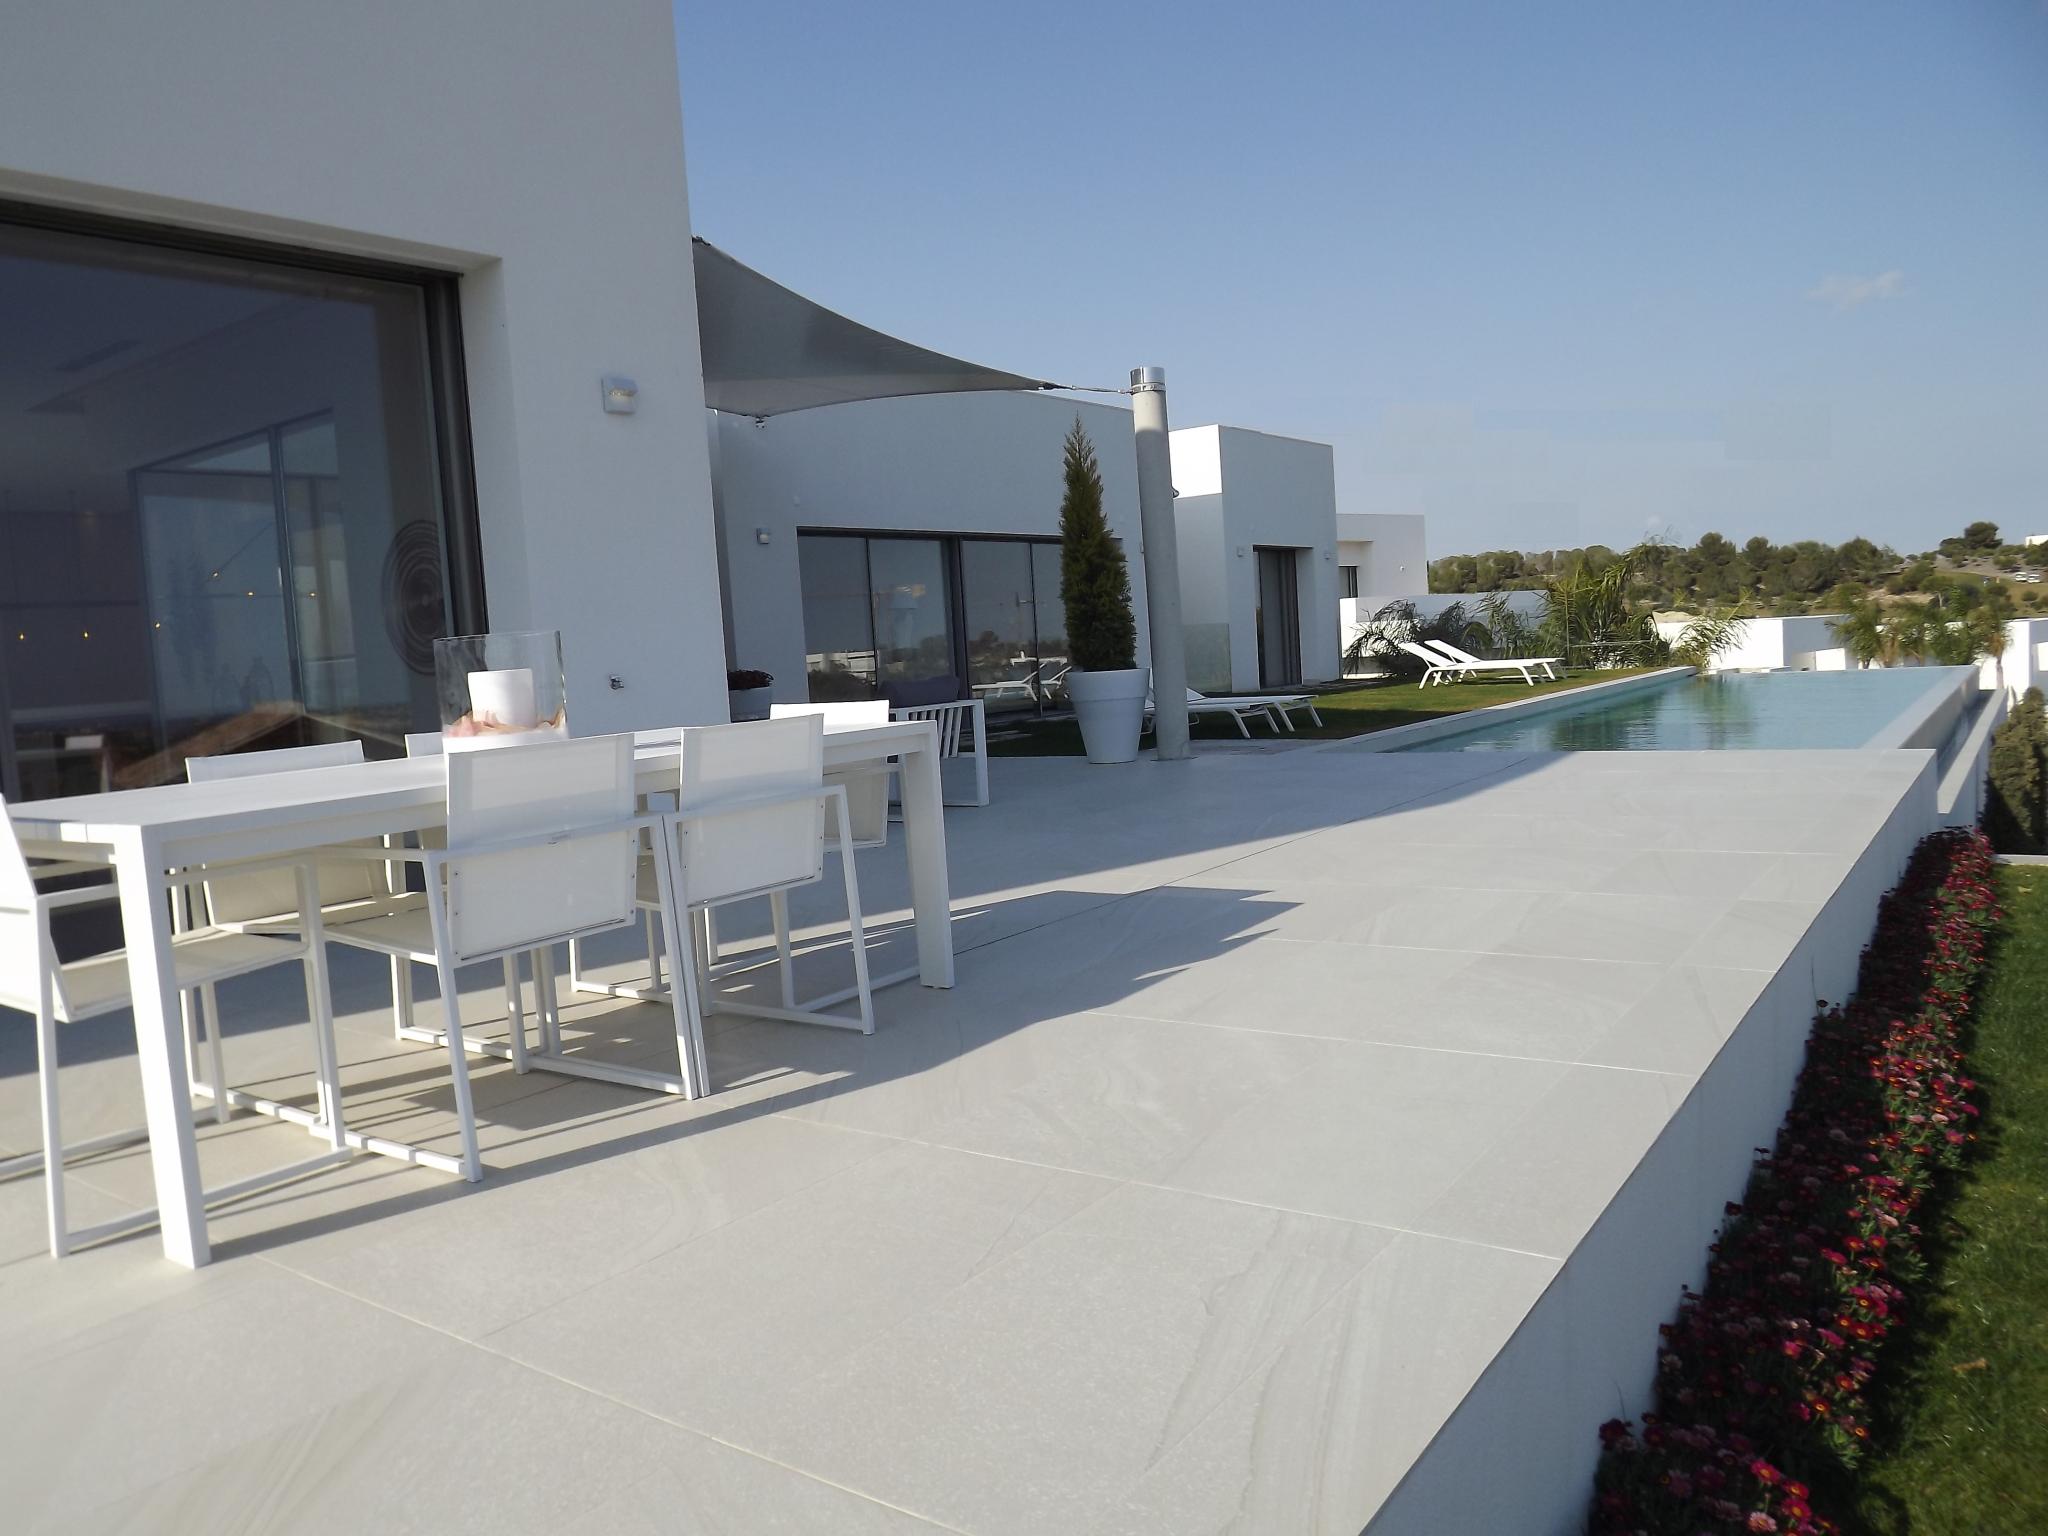 Nieuwbouw villa met zwembad te koop costa blanca spanje for Te koop inbouw zwembad